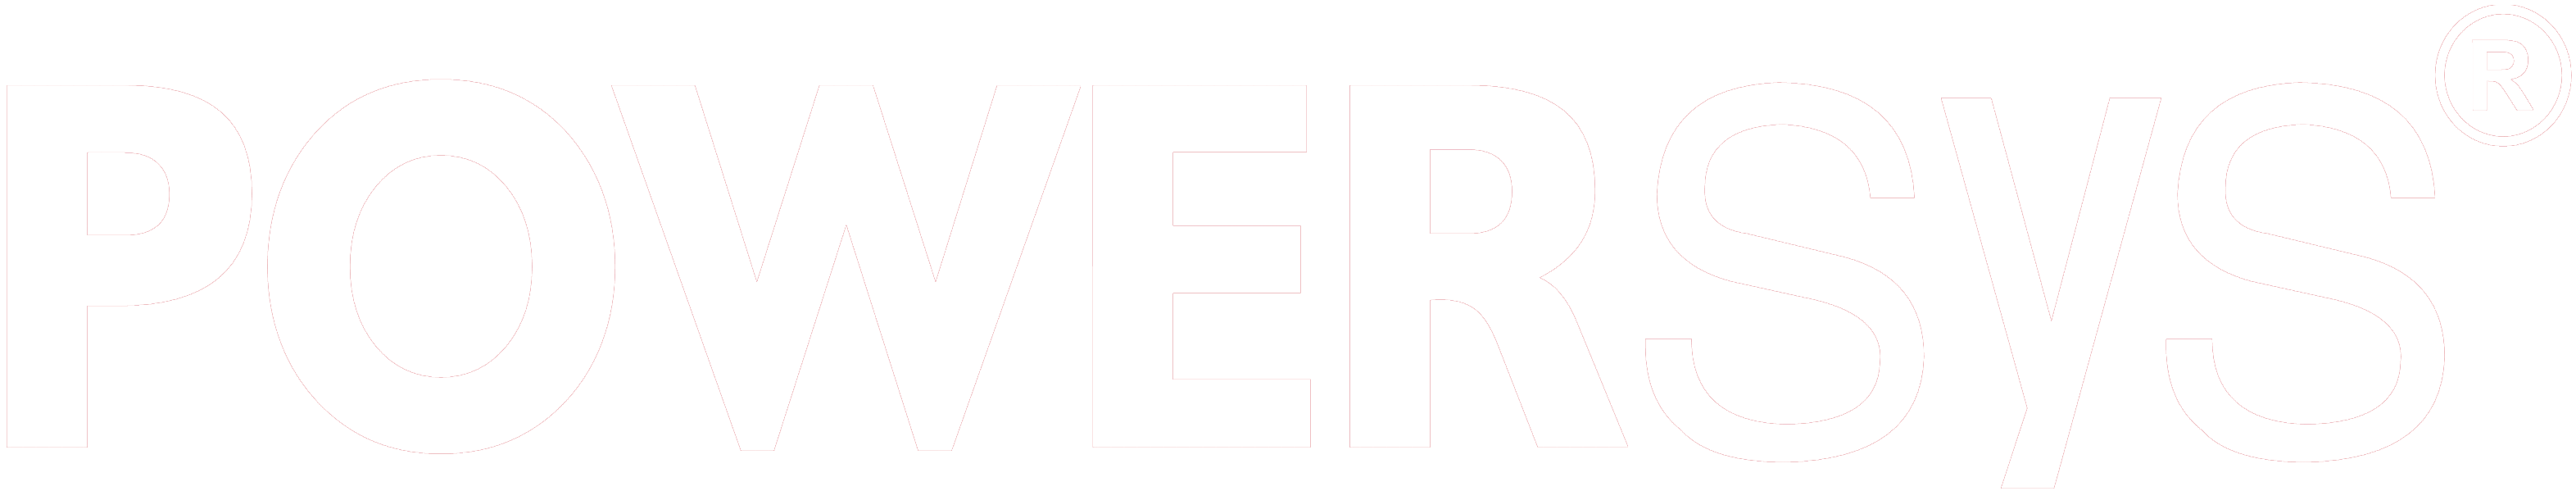 Powersys New Energy